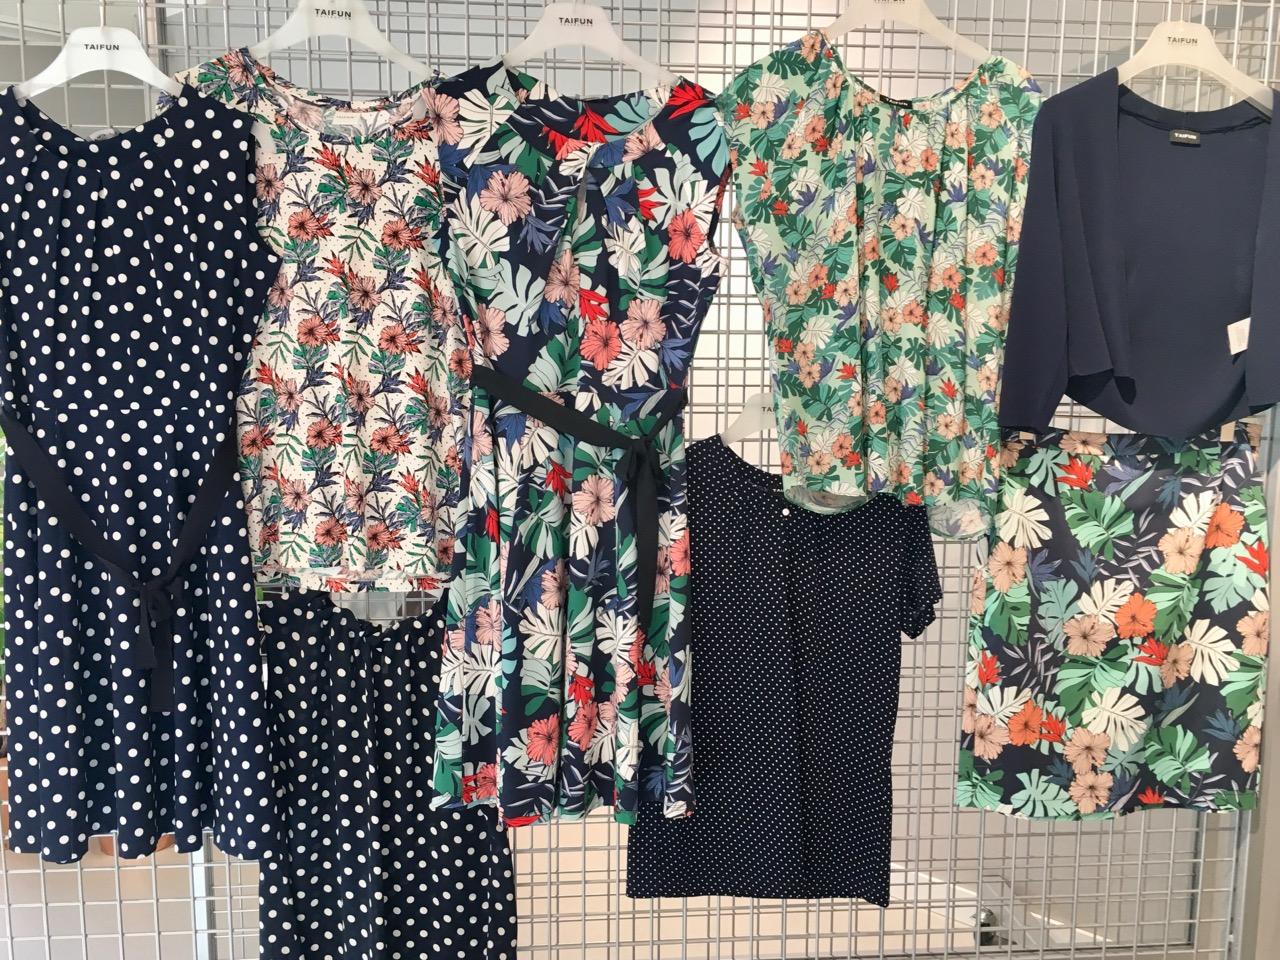 70b8233ffe4b Samoon, Gerrys märke för storlek 40-50, visade ett härligt mönster som vi  köpte både i topp, byxa och klänning.